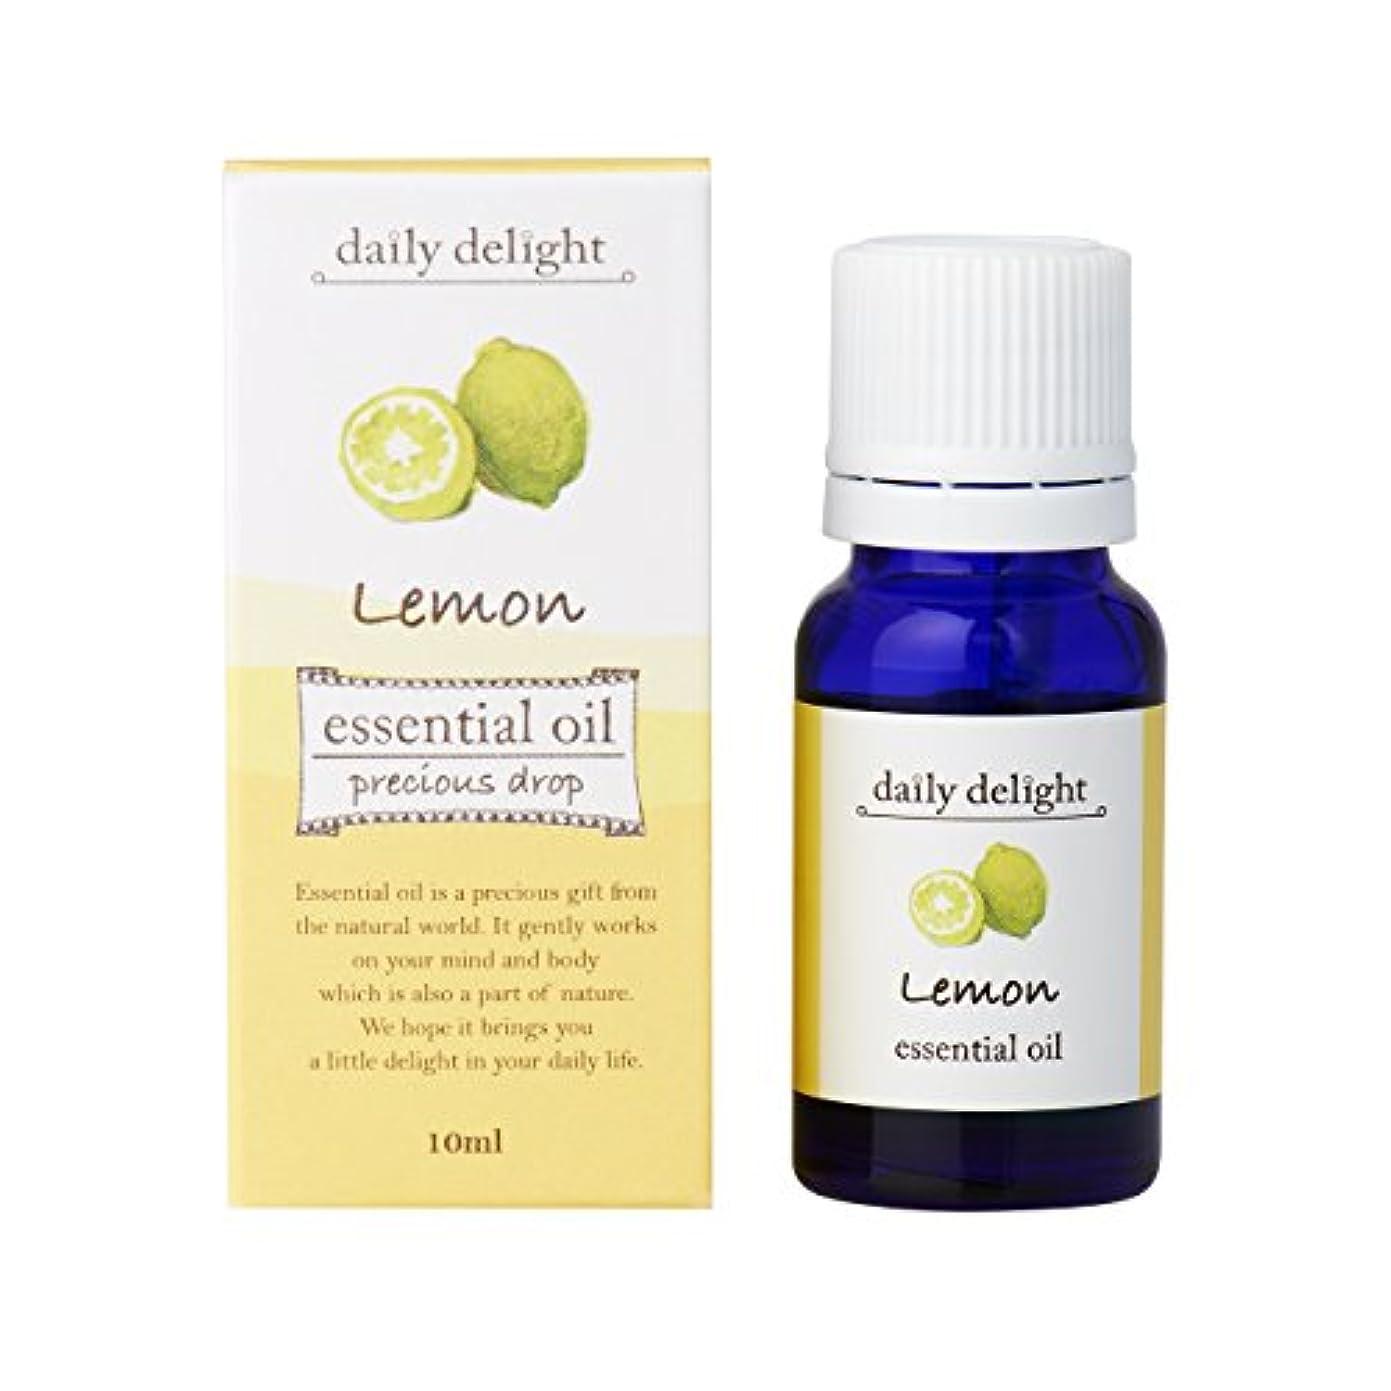 気がついて法廷チューブデイリーディライト エッセンシャルオイル  レモン 10ml(天然100% 精油 アロマ 柑橘系 さっぱりして気分転換におすすめの香り)